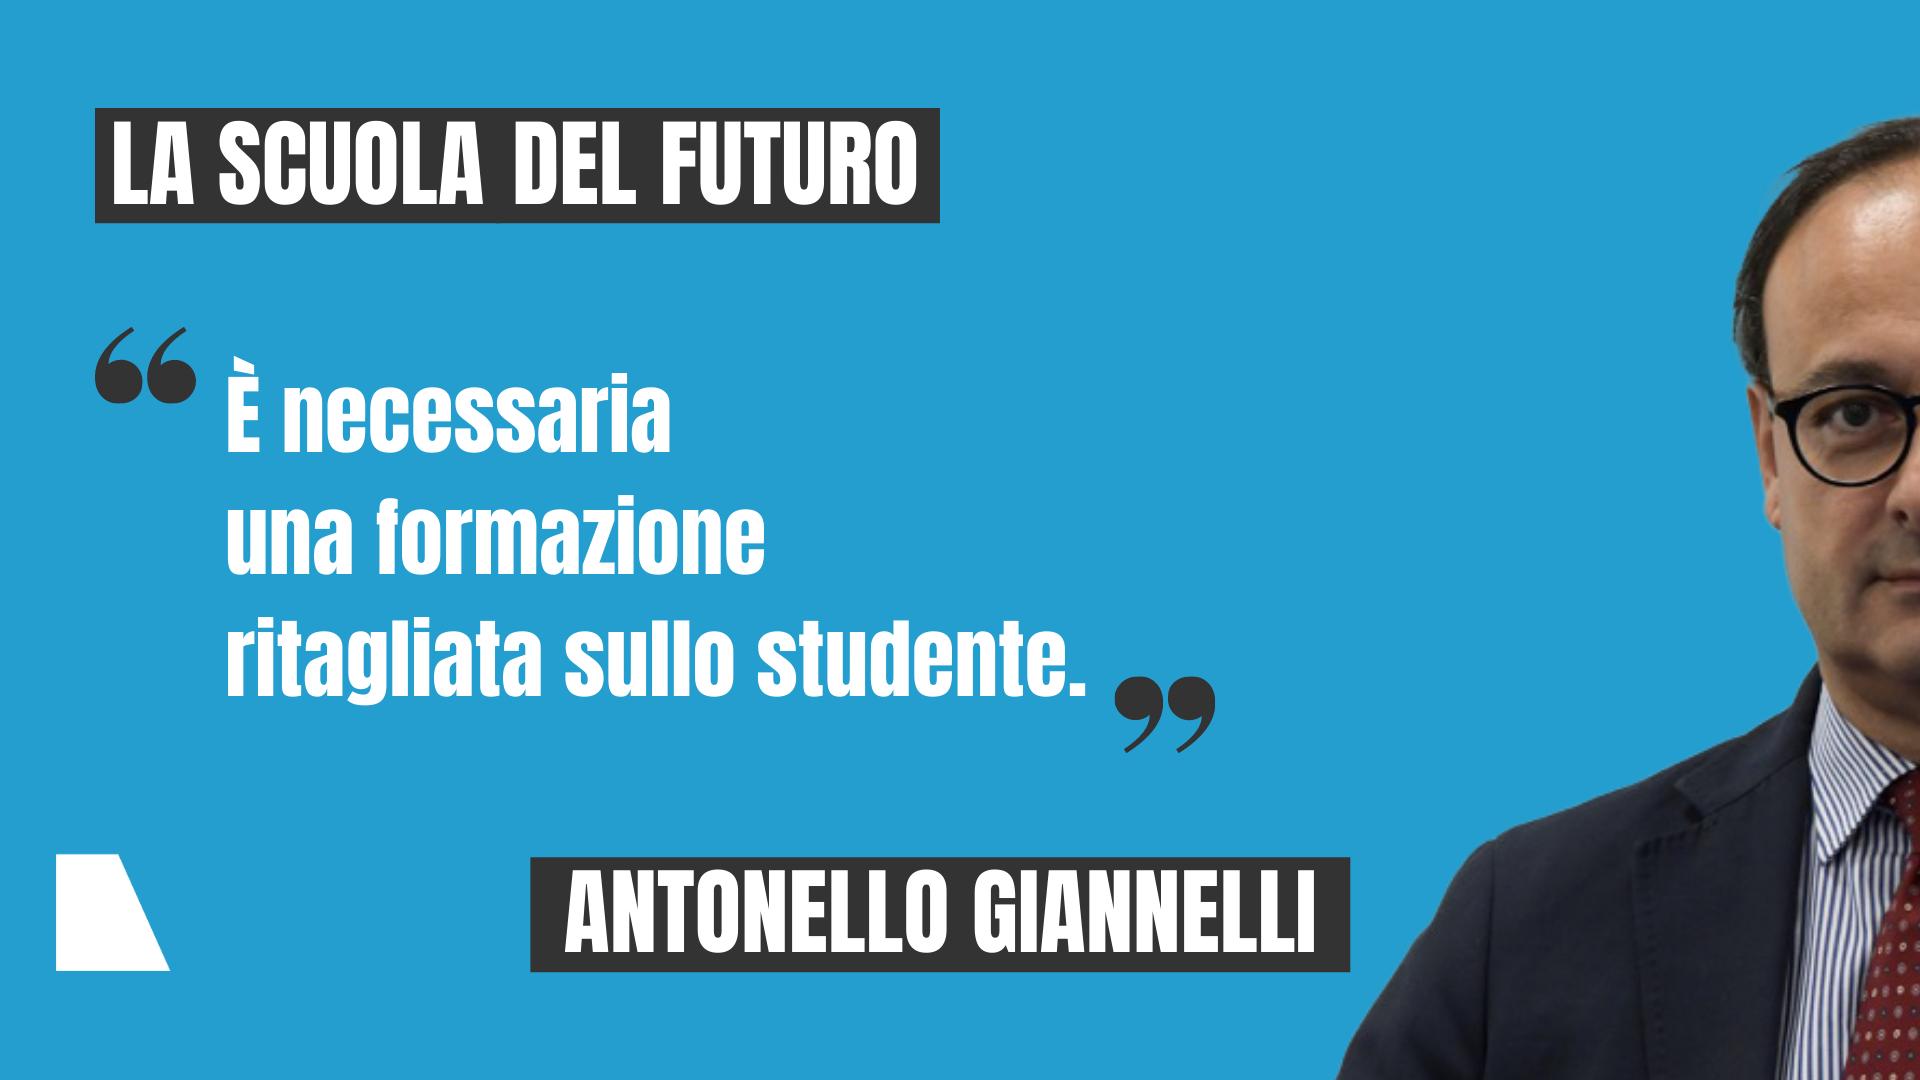 Antonello Giannelli, presidente dell'ANP, La scuola del futuro